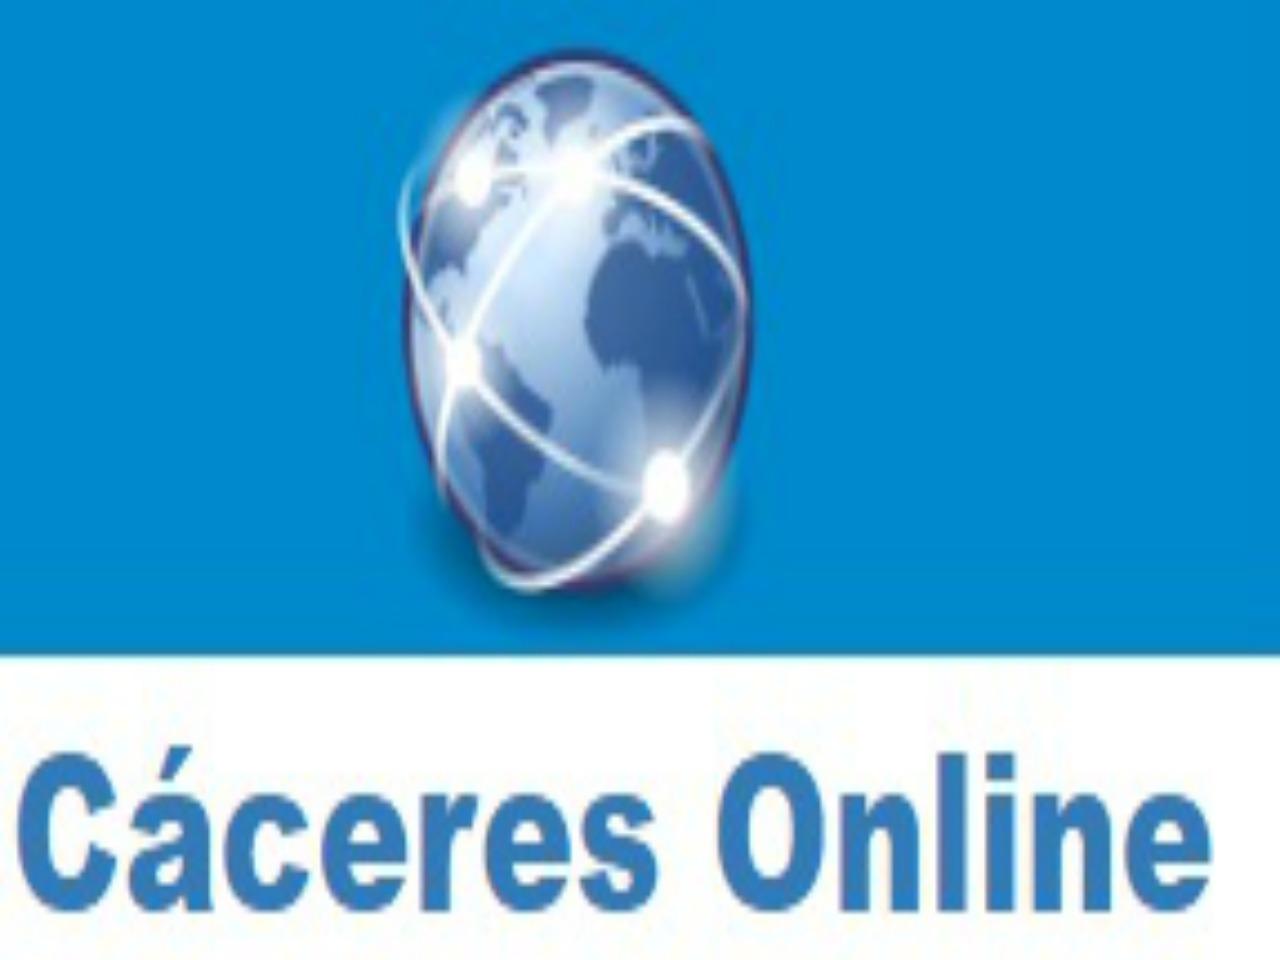 CACERES ONLINE, Publicidad económica en Google, publicidad barata en Google, publicidad en Cáceres